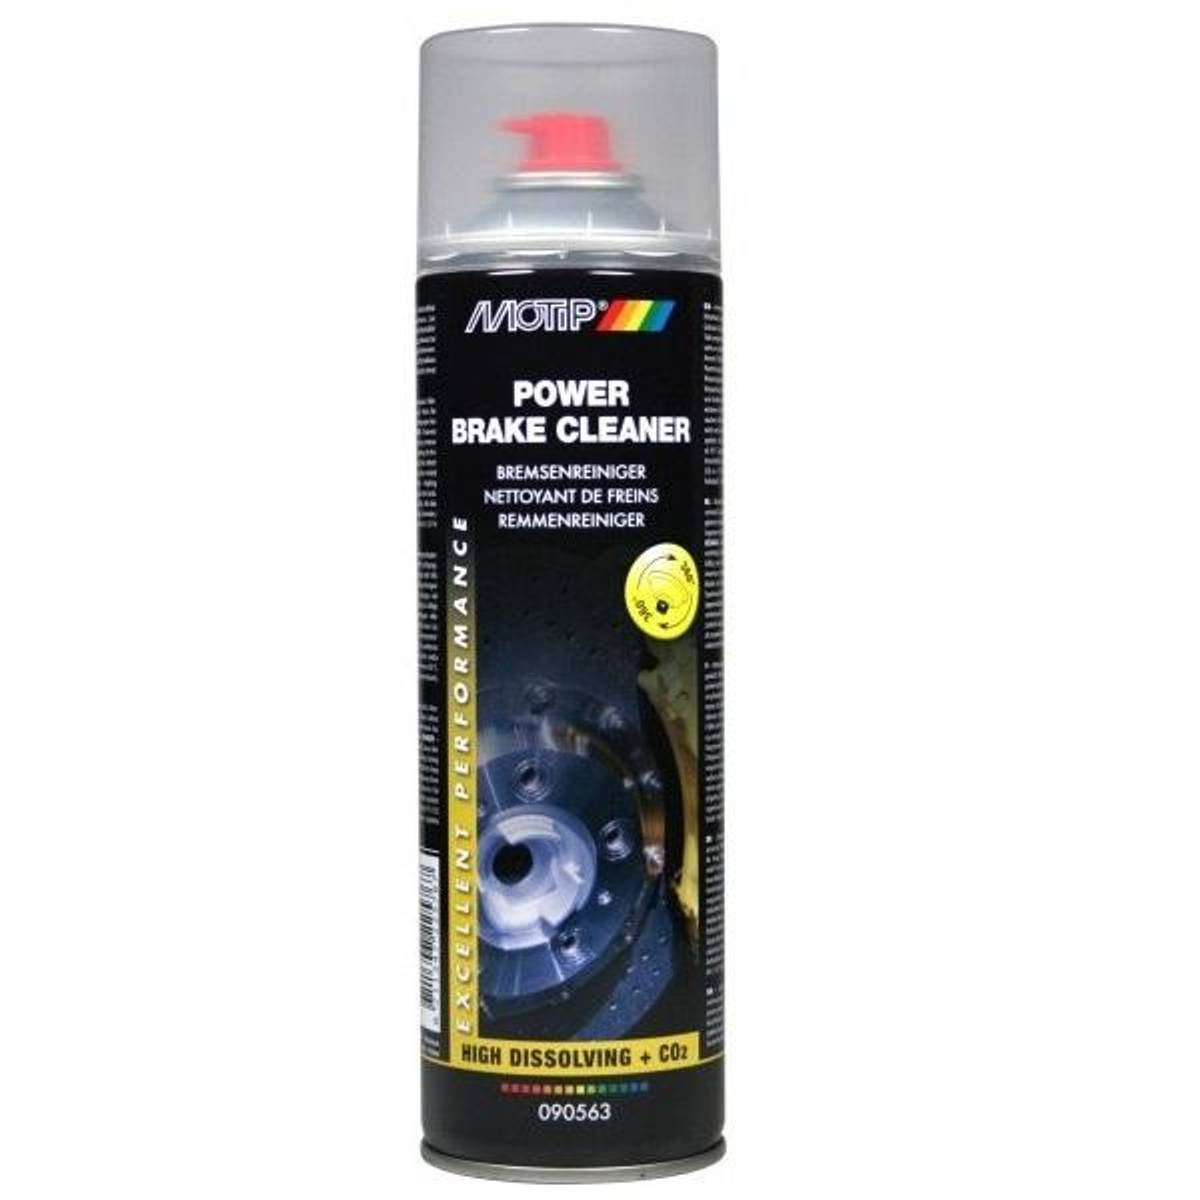 Bremserengjøring Motip Power Brake Cleaner 500ml spray